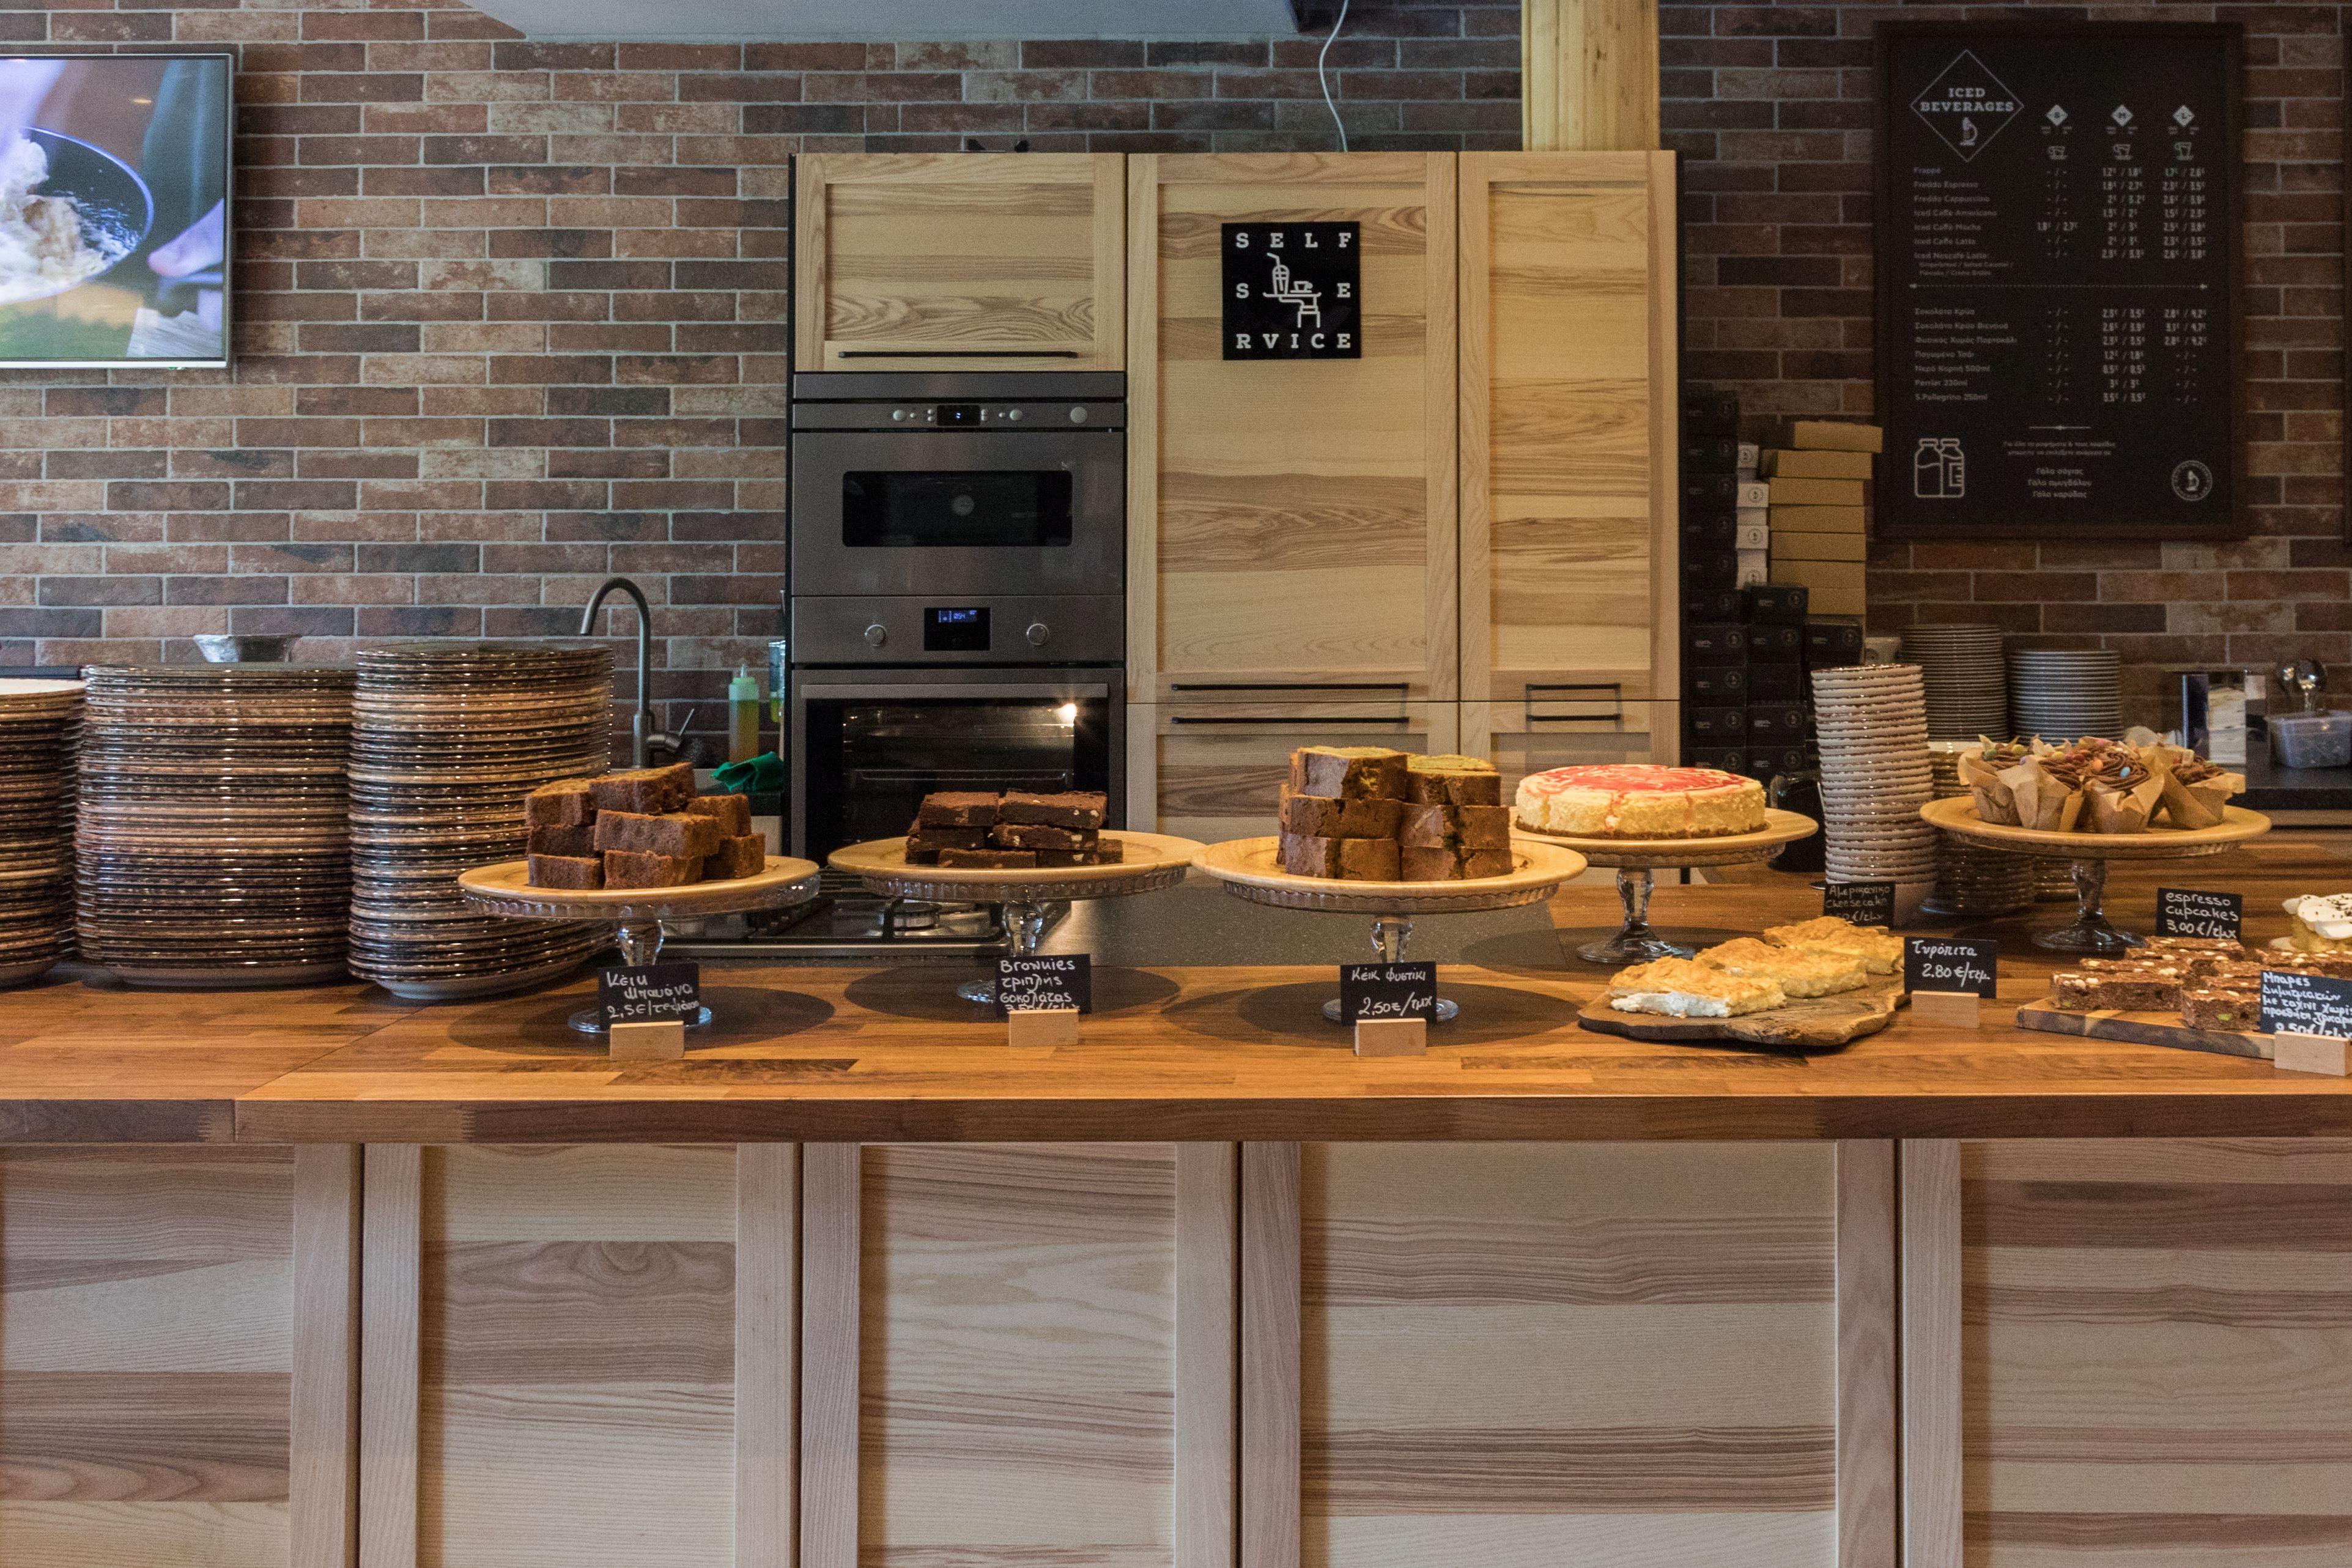 Akis petretzikis kitchenlab architectural 3